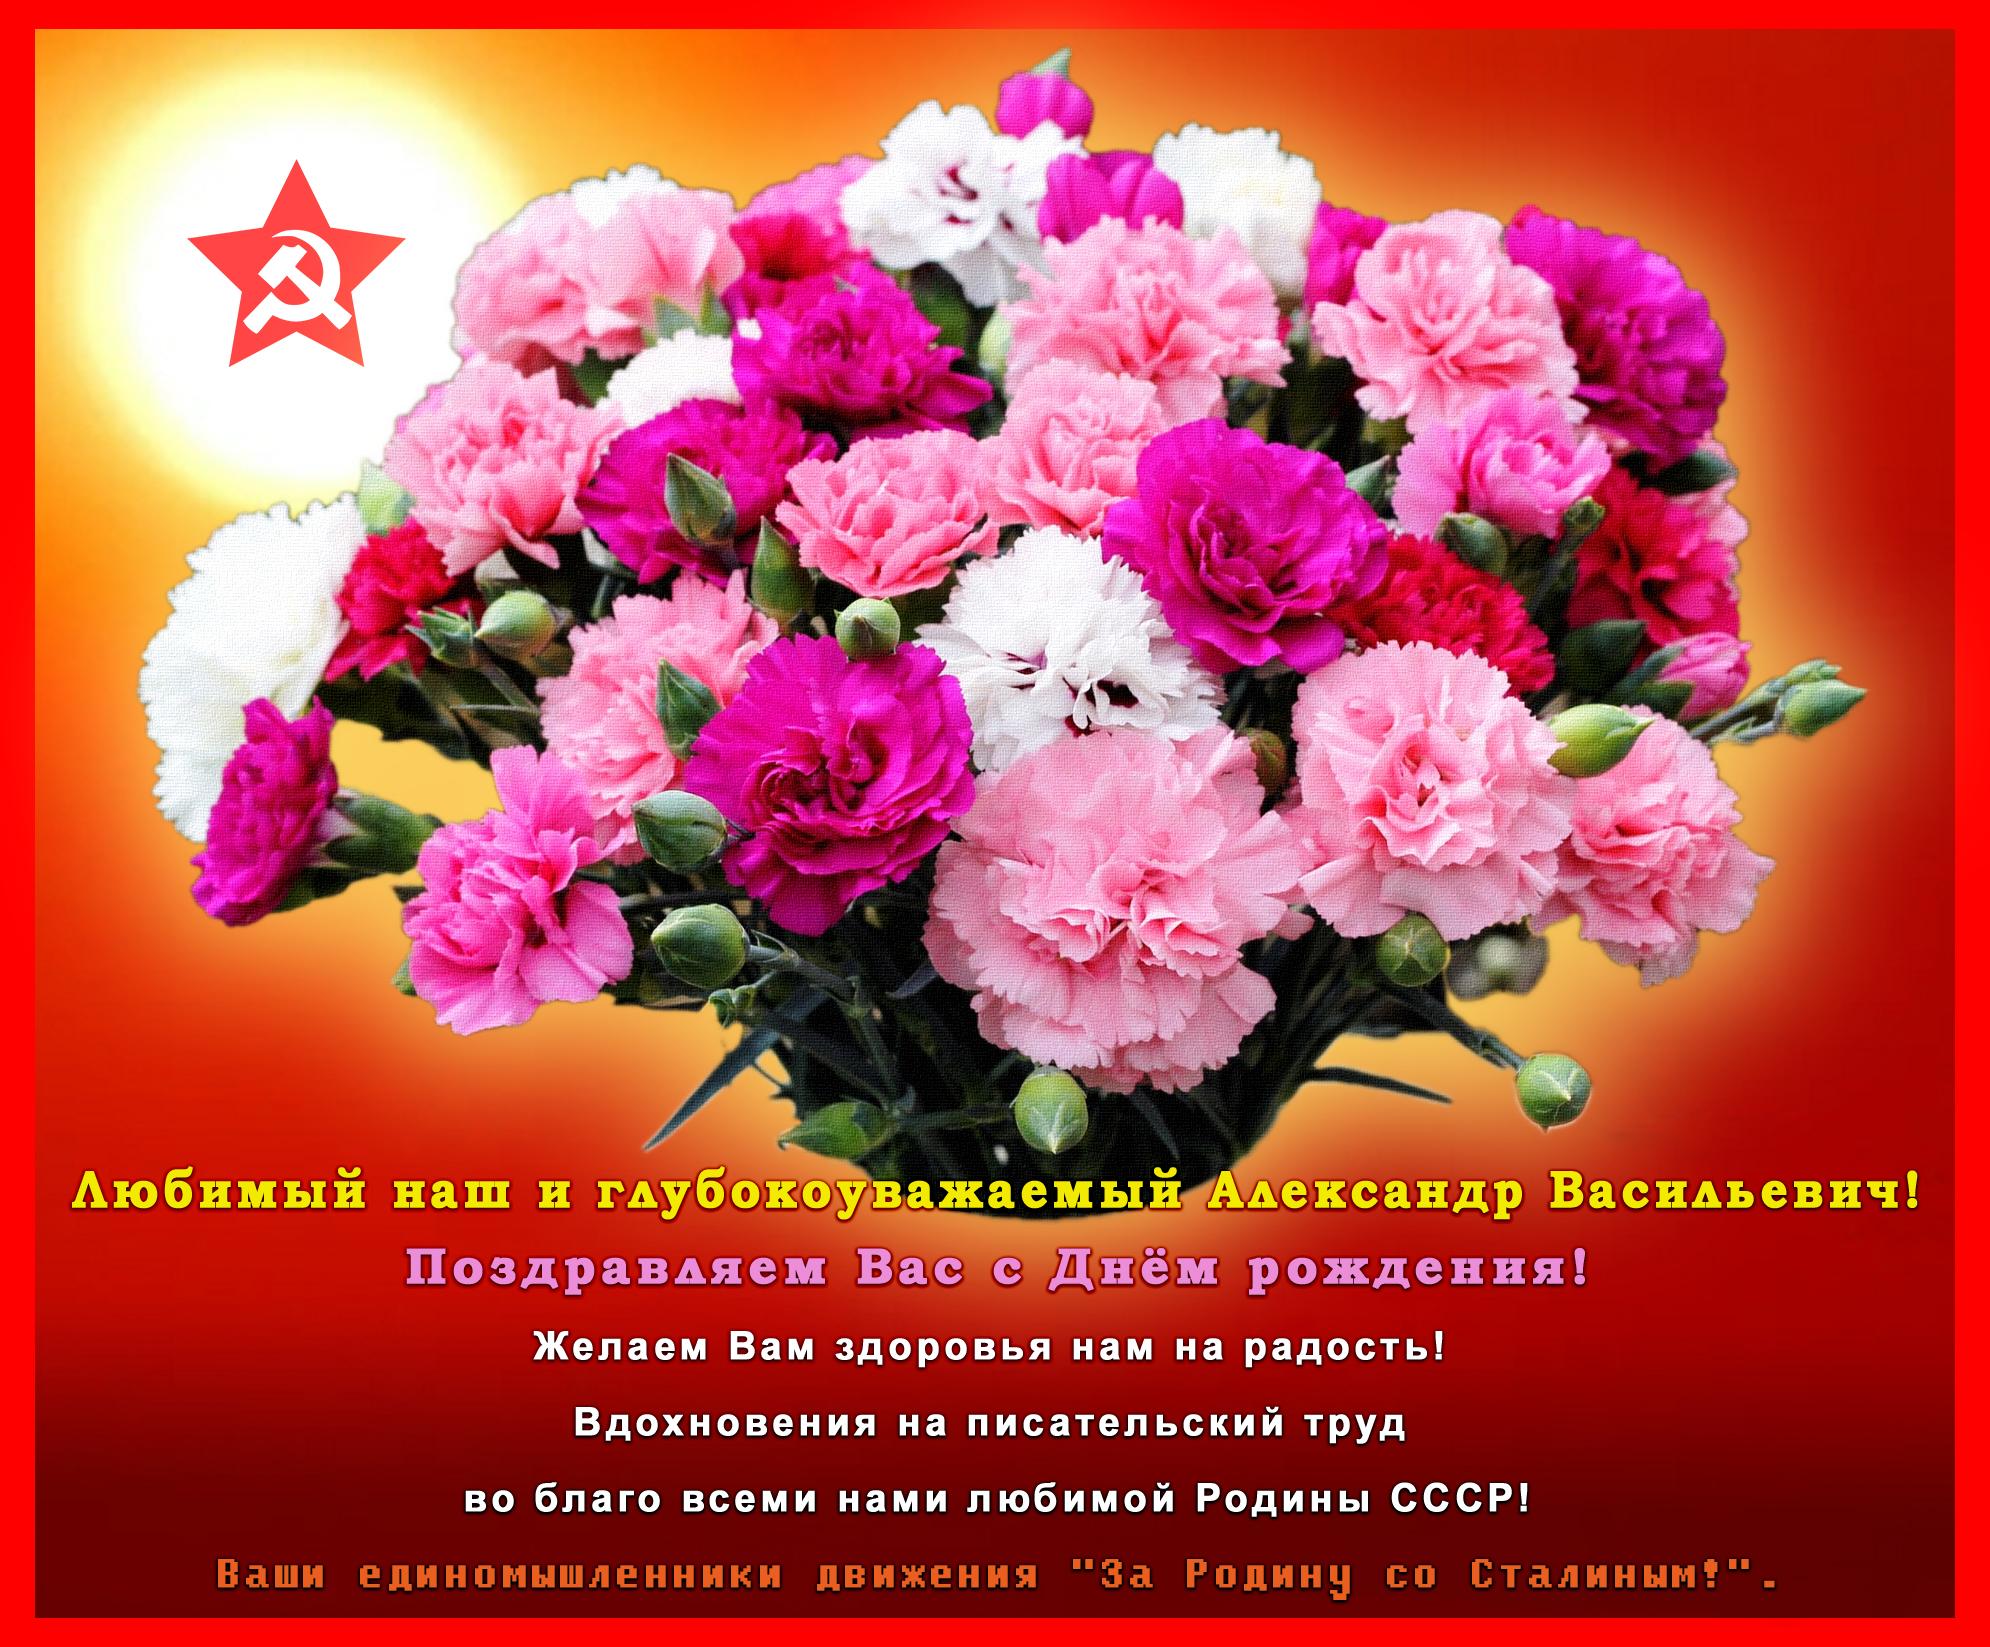 https://images.vfl.ru/ii/1510989737/459b6d0a/19467388.jpg